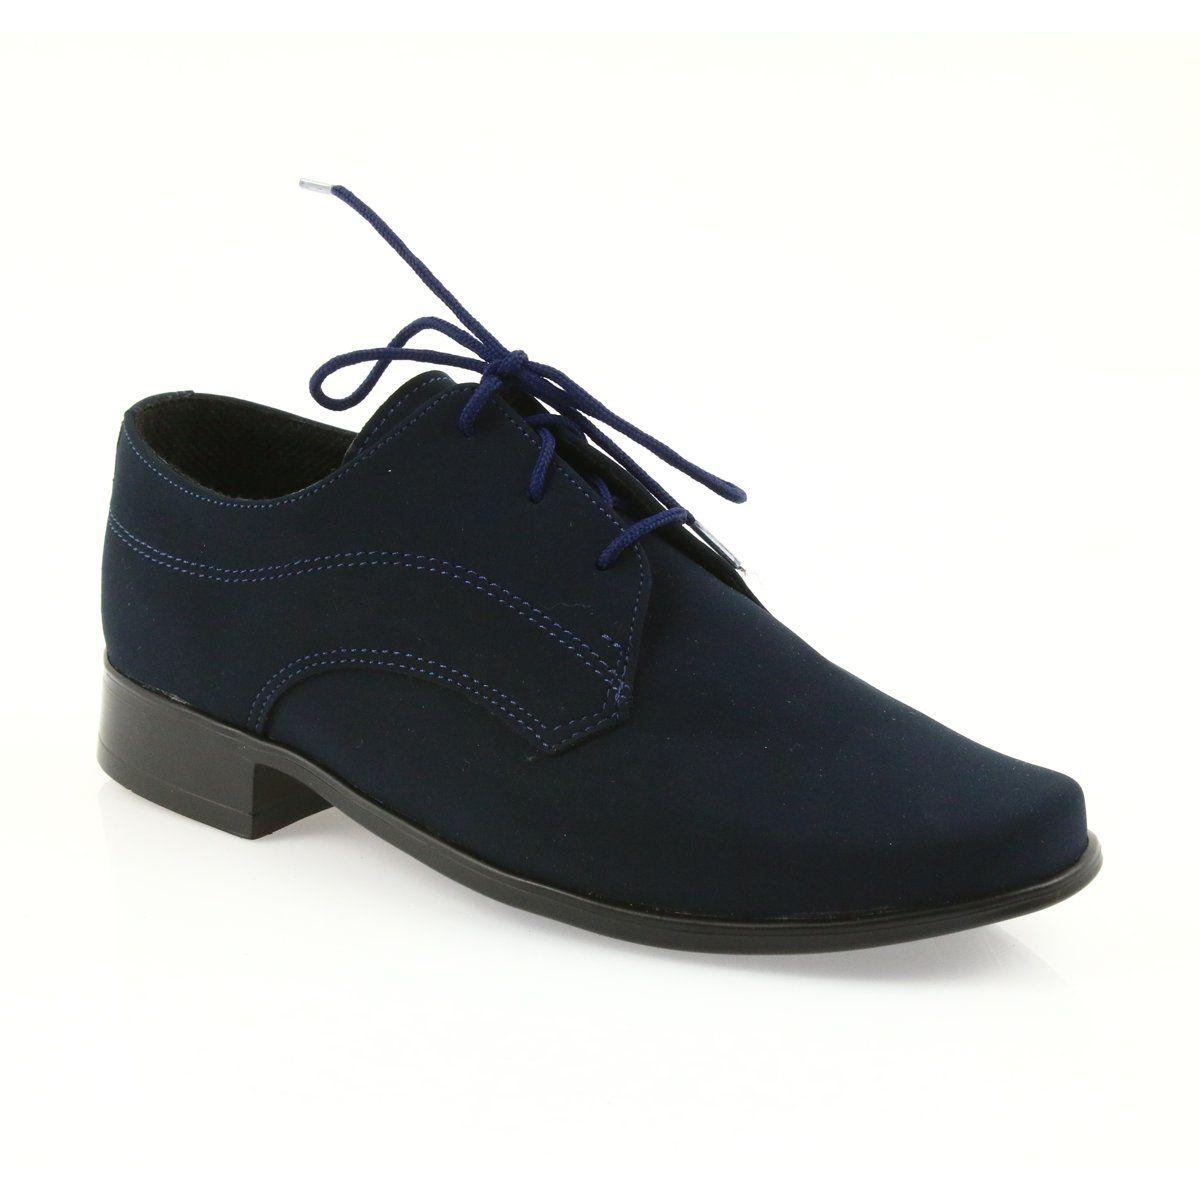 Miko Shoes Children Suede Communion Shoes Navy Communion Shoes Shoes For School Shoes